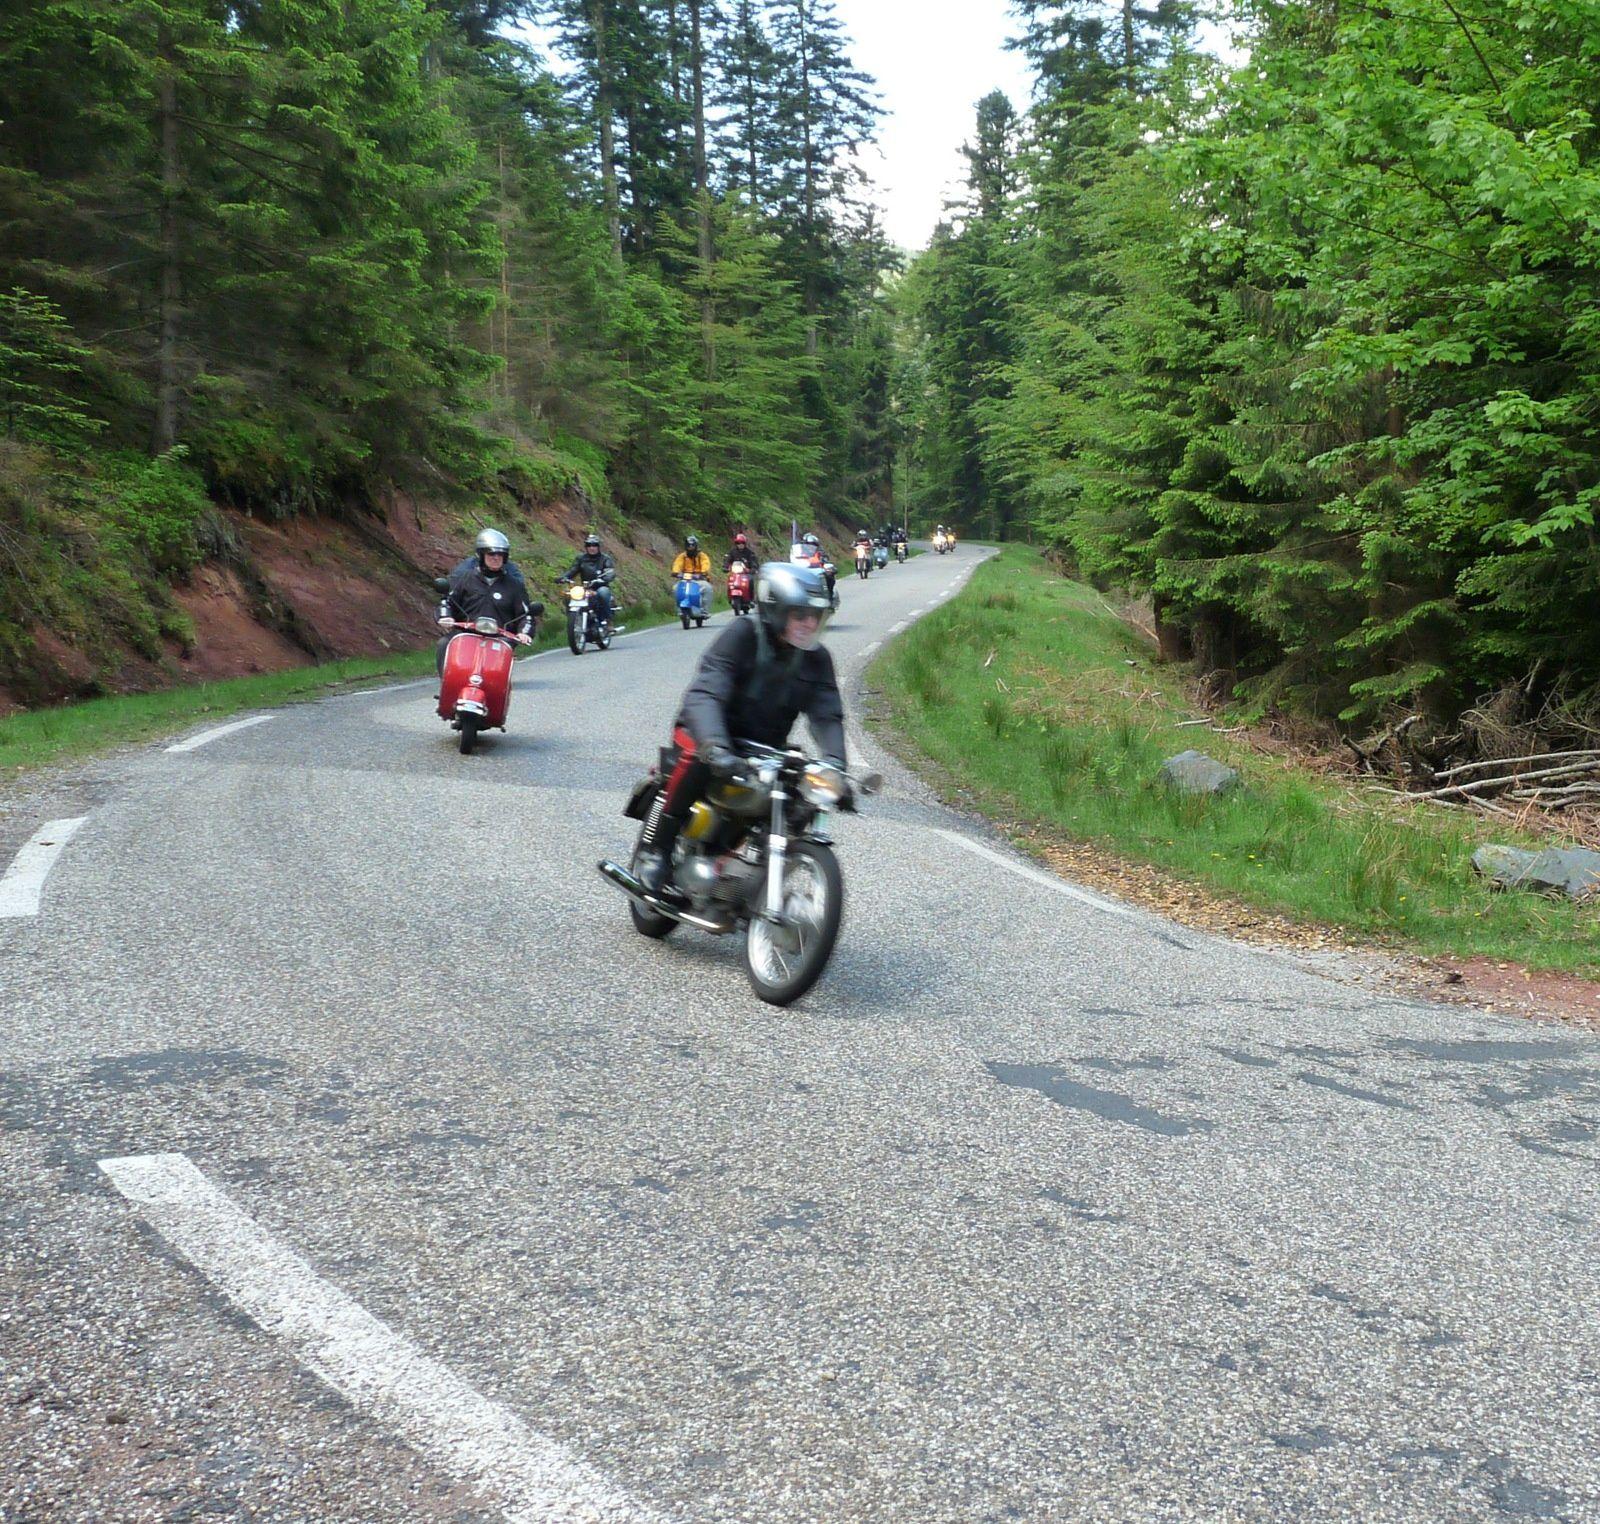 Sur la route entre le 67 et le 57 (Entre Granfontaine (67) et Abreschviller (57))